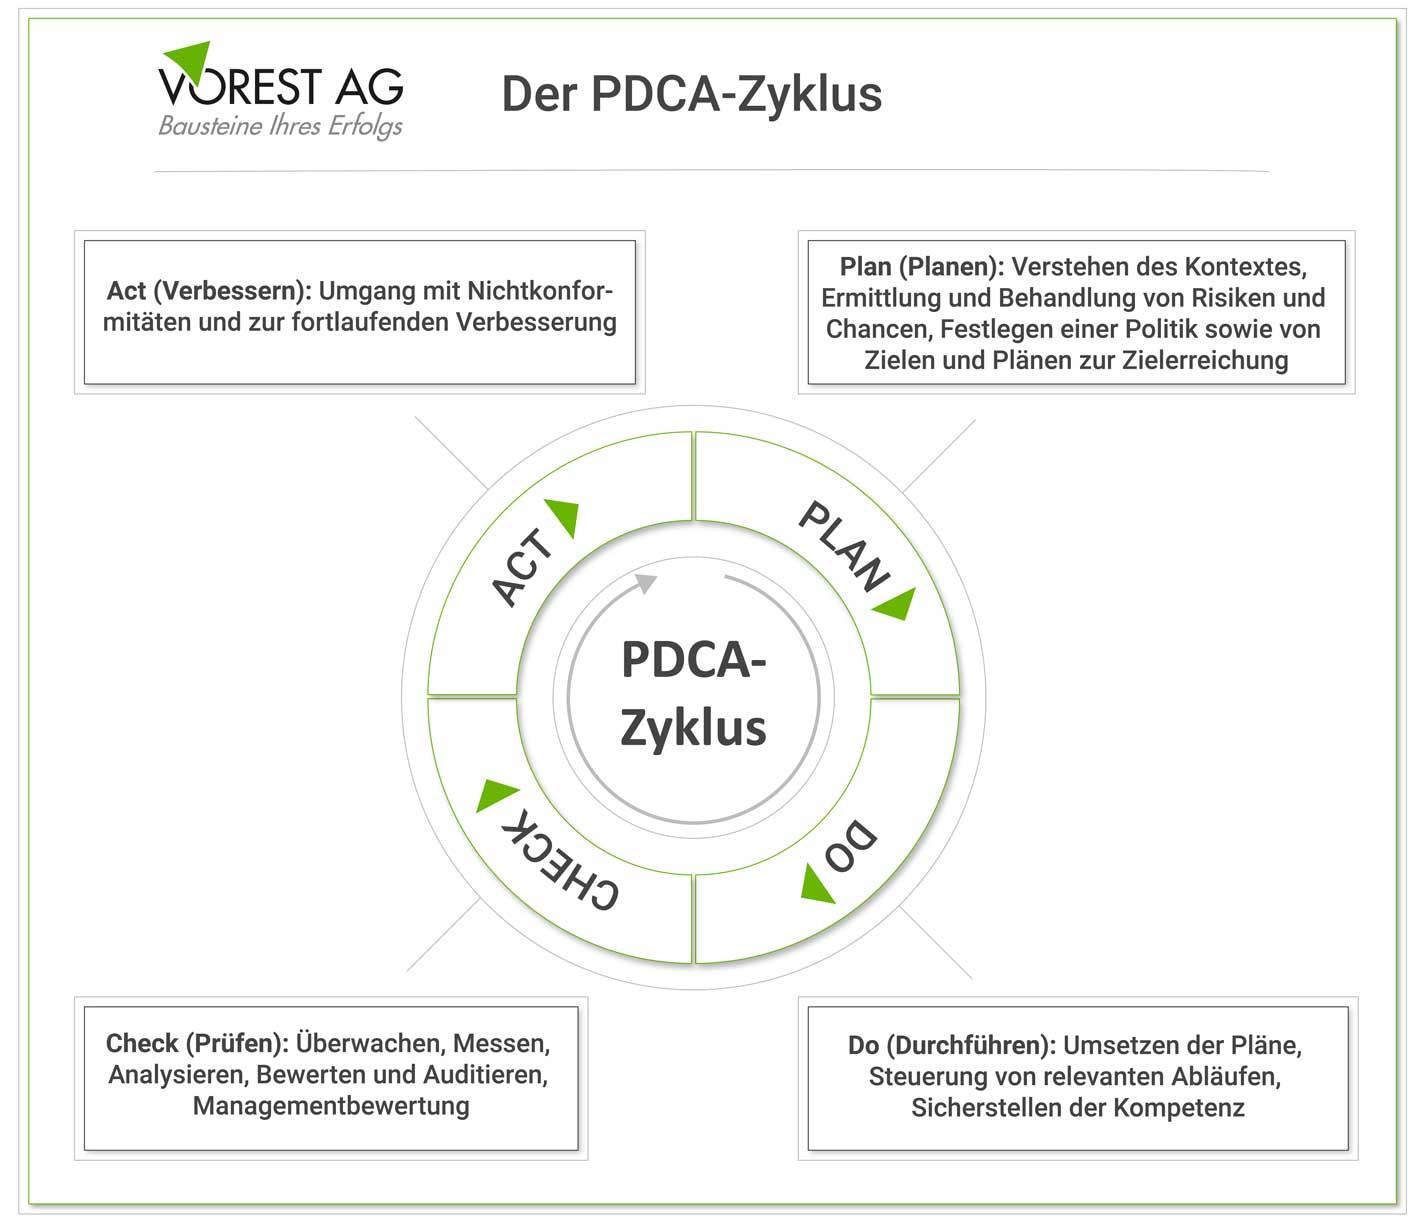 Der PDCA Zyklus bzw. Deming Kreis